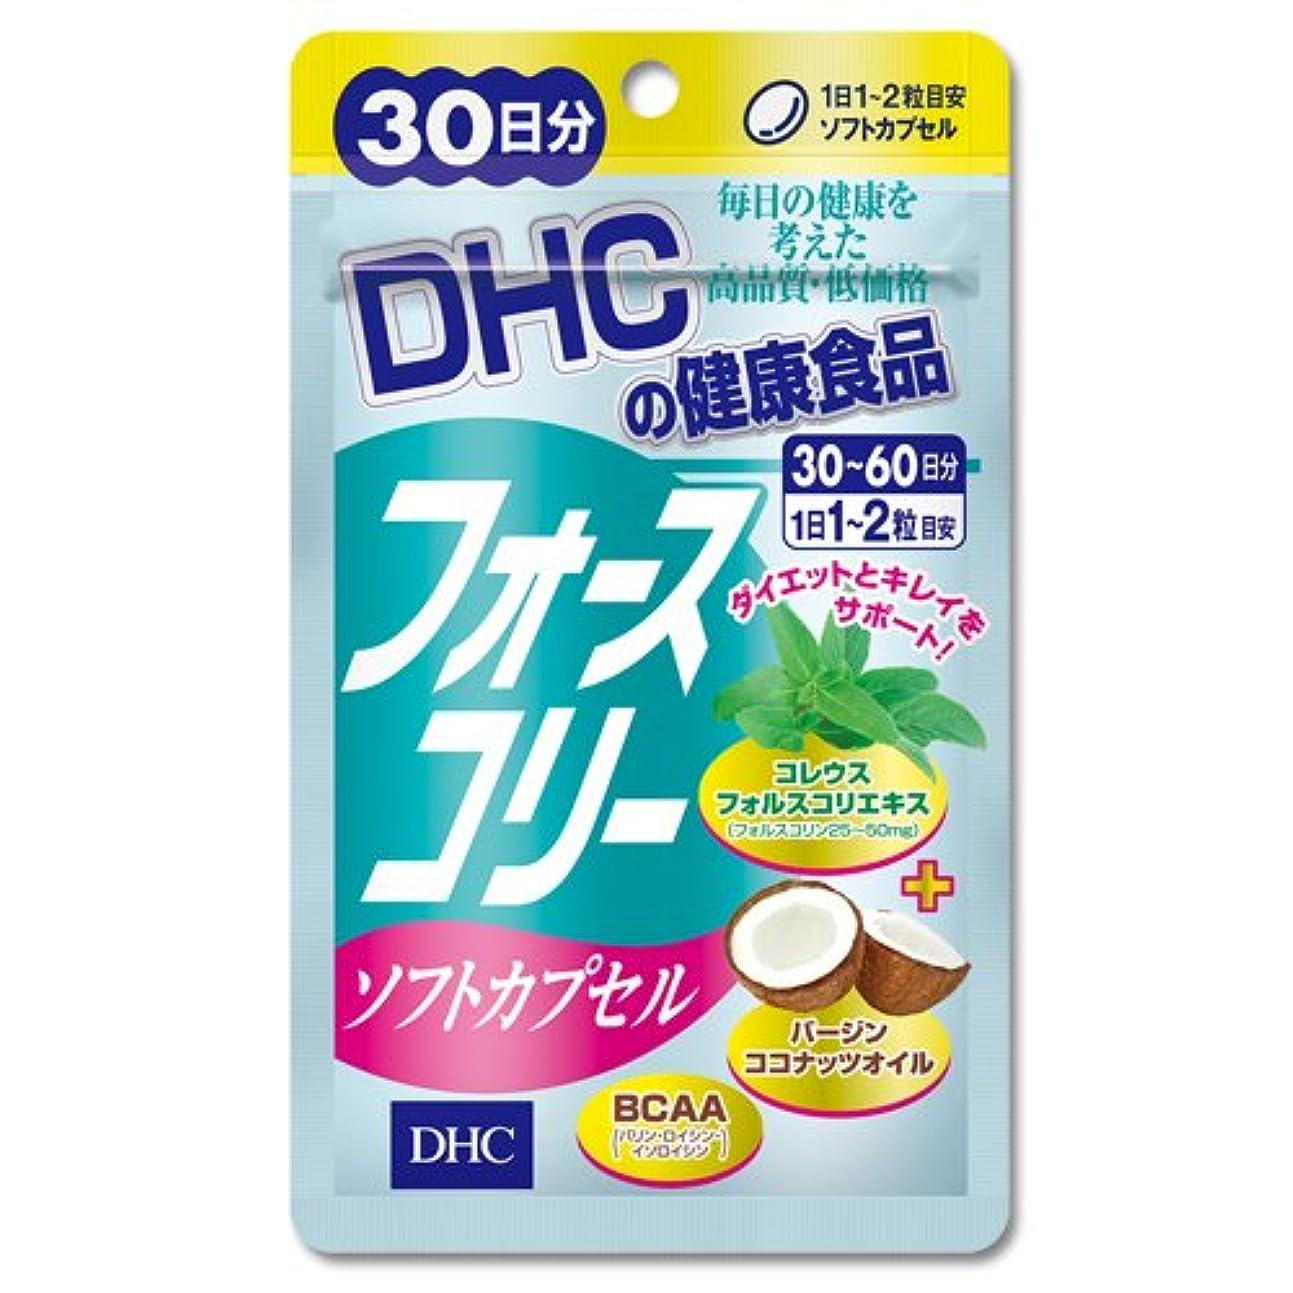 スクレーパーゆるく挑むDHC フォースコリー ソフトカプセル 30日分